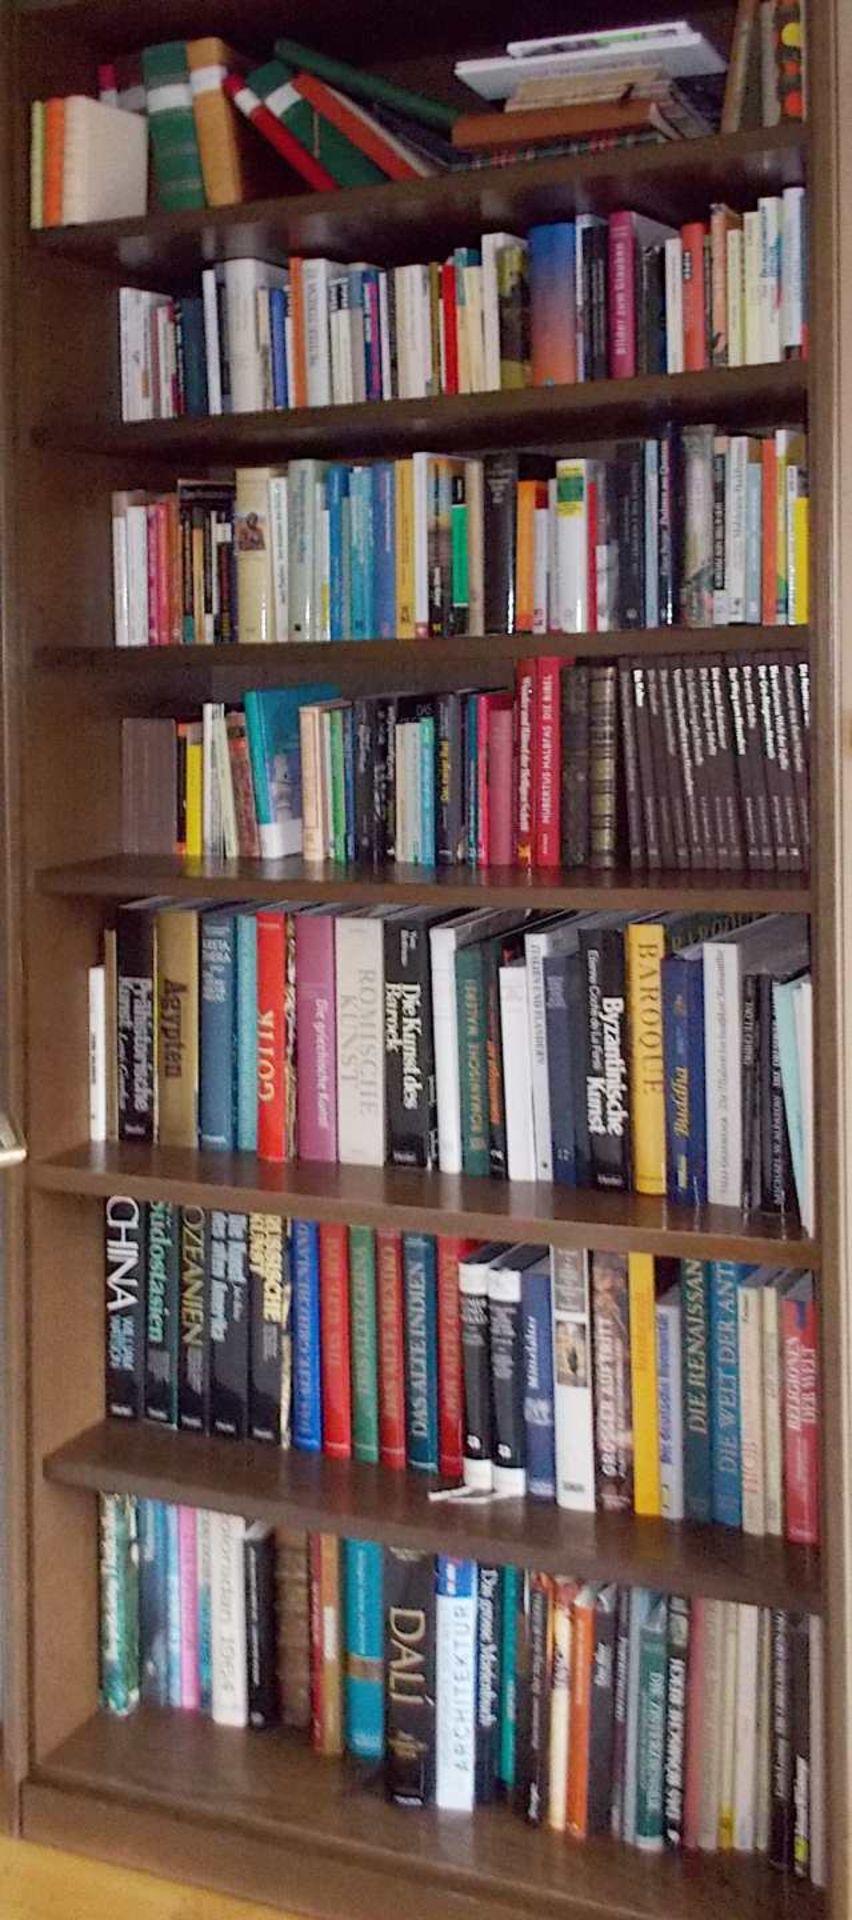 1 Bibliothek bestehend aus ca. 1000 Büchern nztl. Bildbände, Religion und Theologie, - Bild 2 aus 8